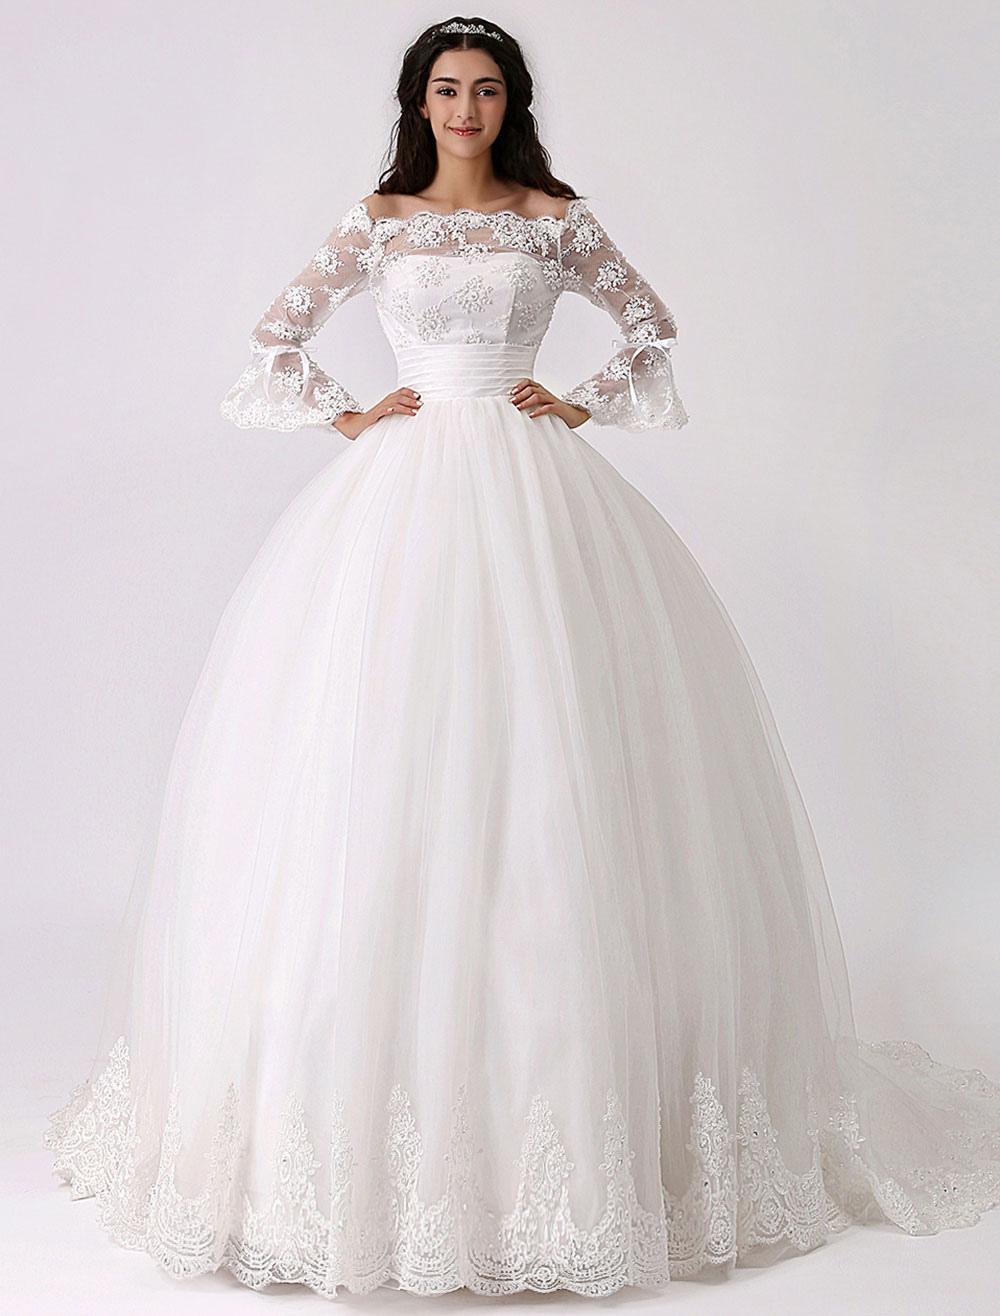 Brautkleider Prinzessin Elfenbeinfarbe mit Carmenausschnitt Brautkleider  Tüll und Court-Schleppe 10/10 Ärmel und Reißverschluss Prinzessin